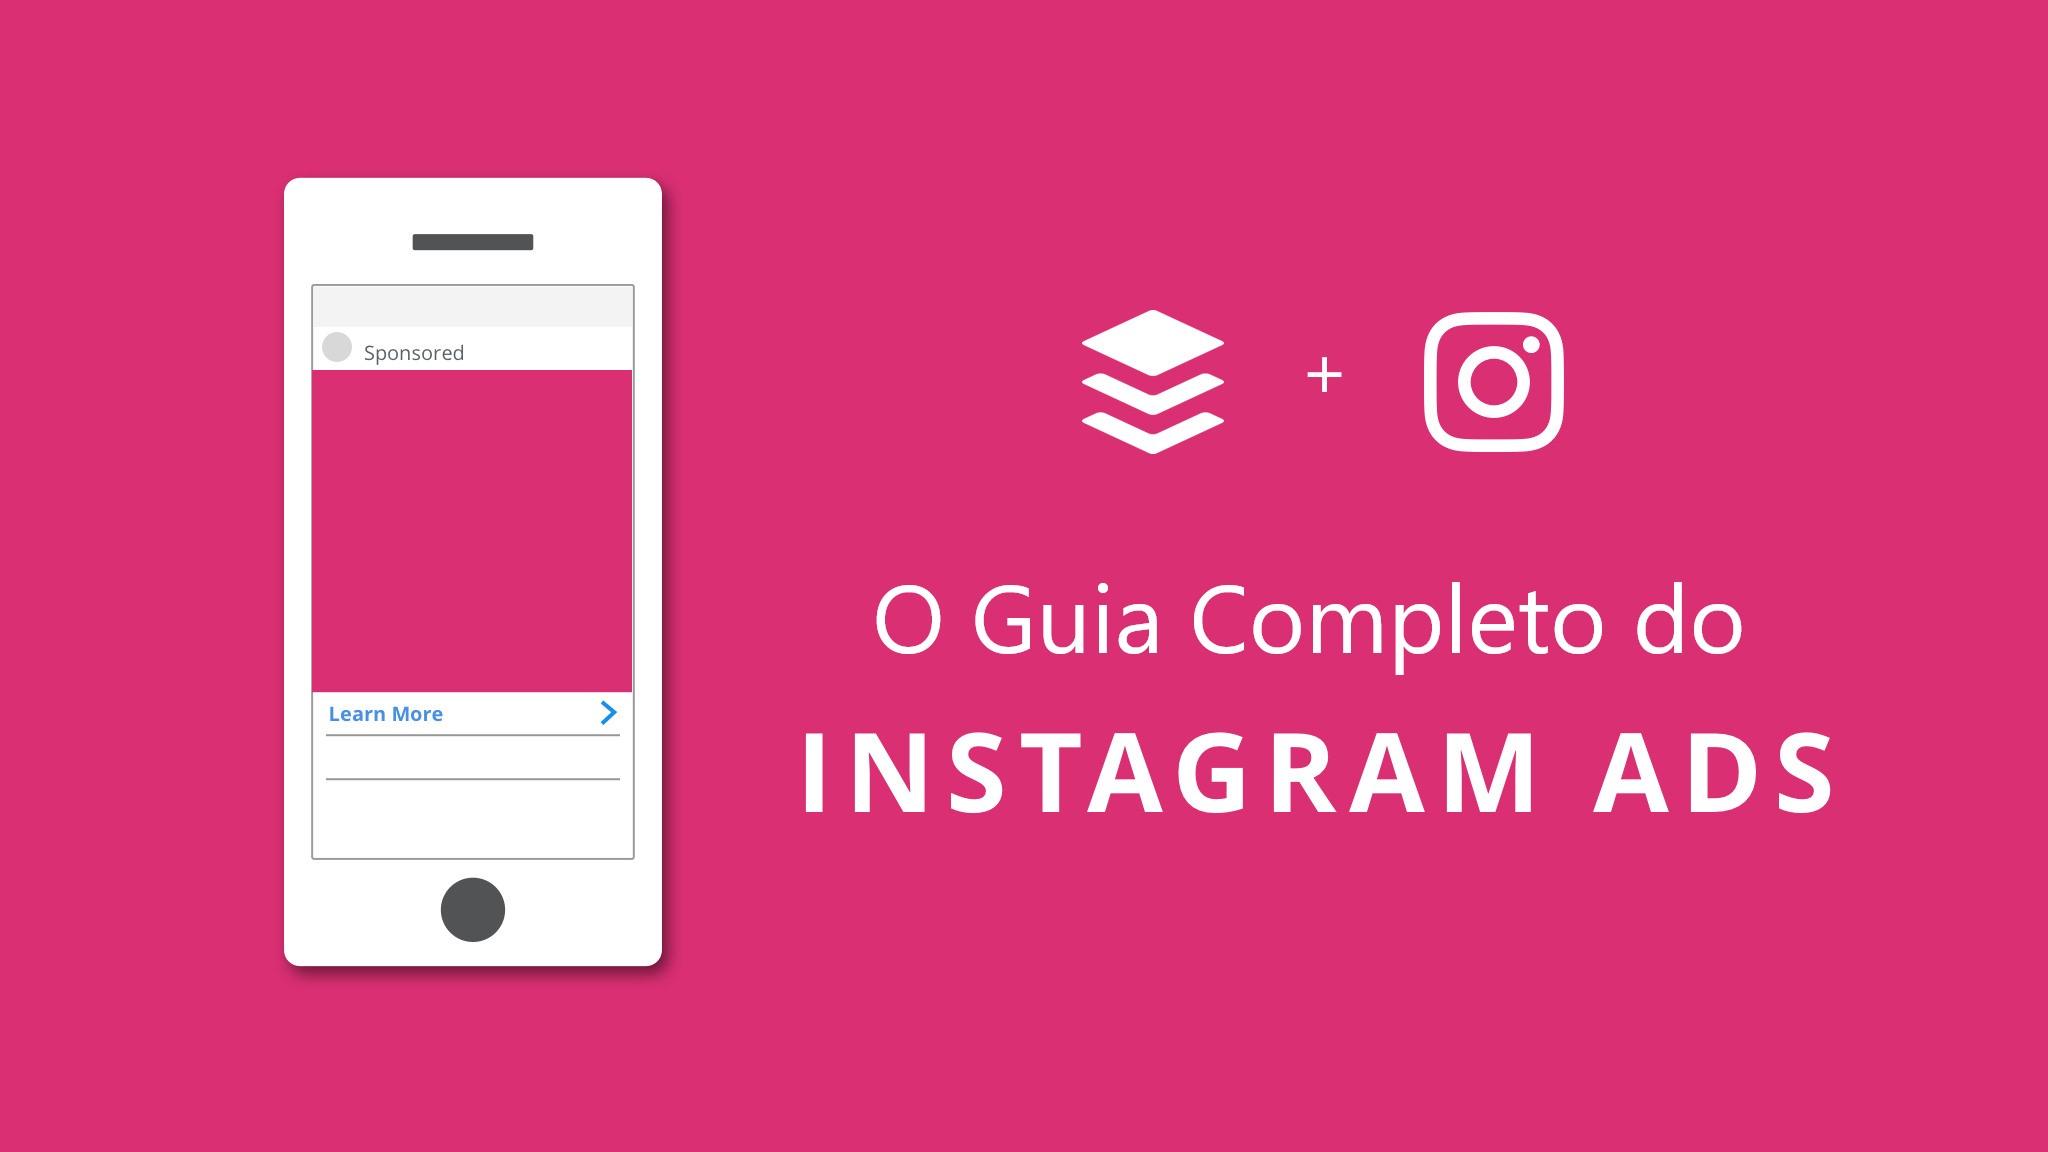 Instagram Ads Como Funcionam Os Anuncios Do Instagram